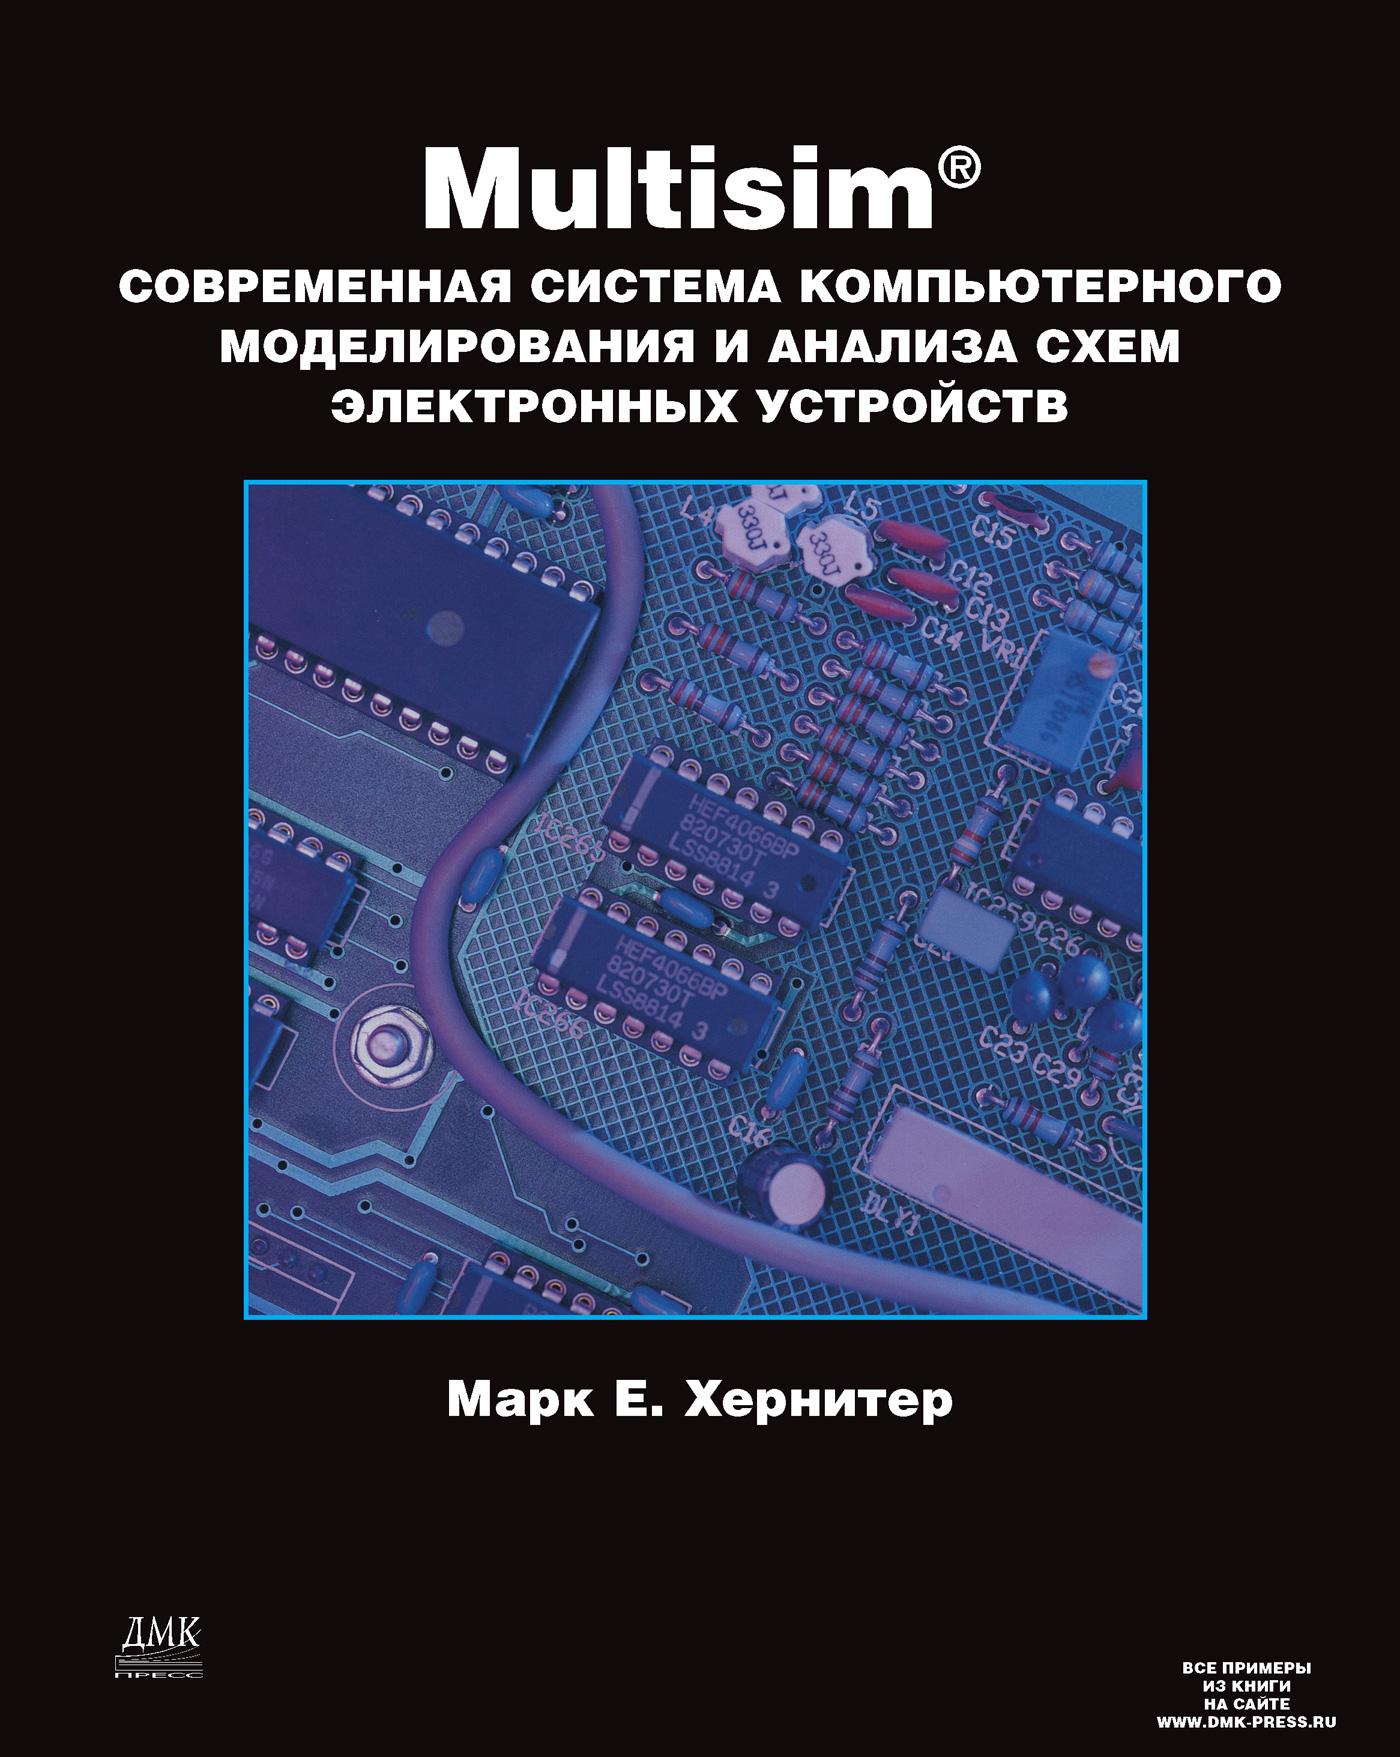 Марк Е. Хернитер Multisim. Современная система компьютерного моделирования и анализа схем электронных устройств